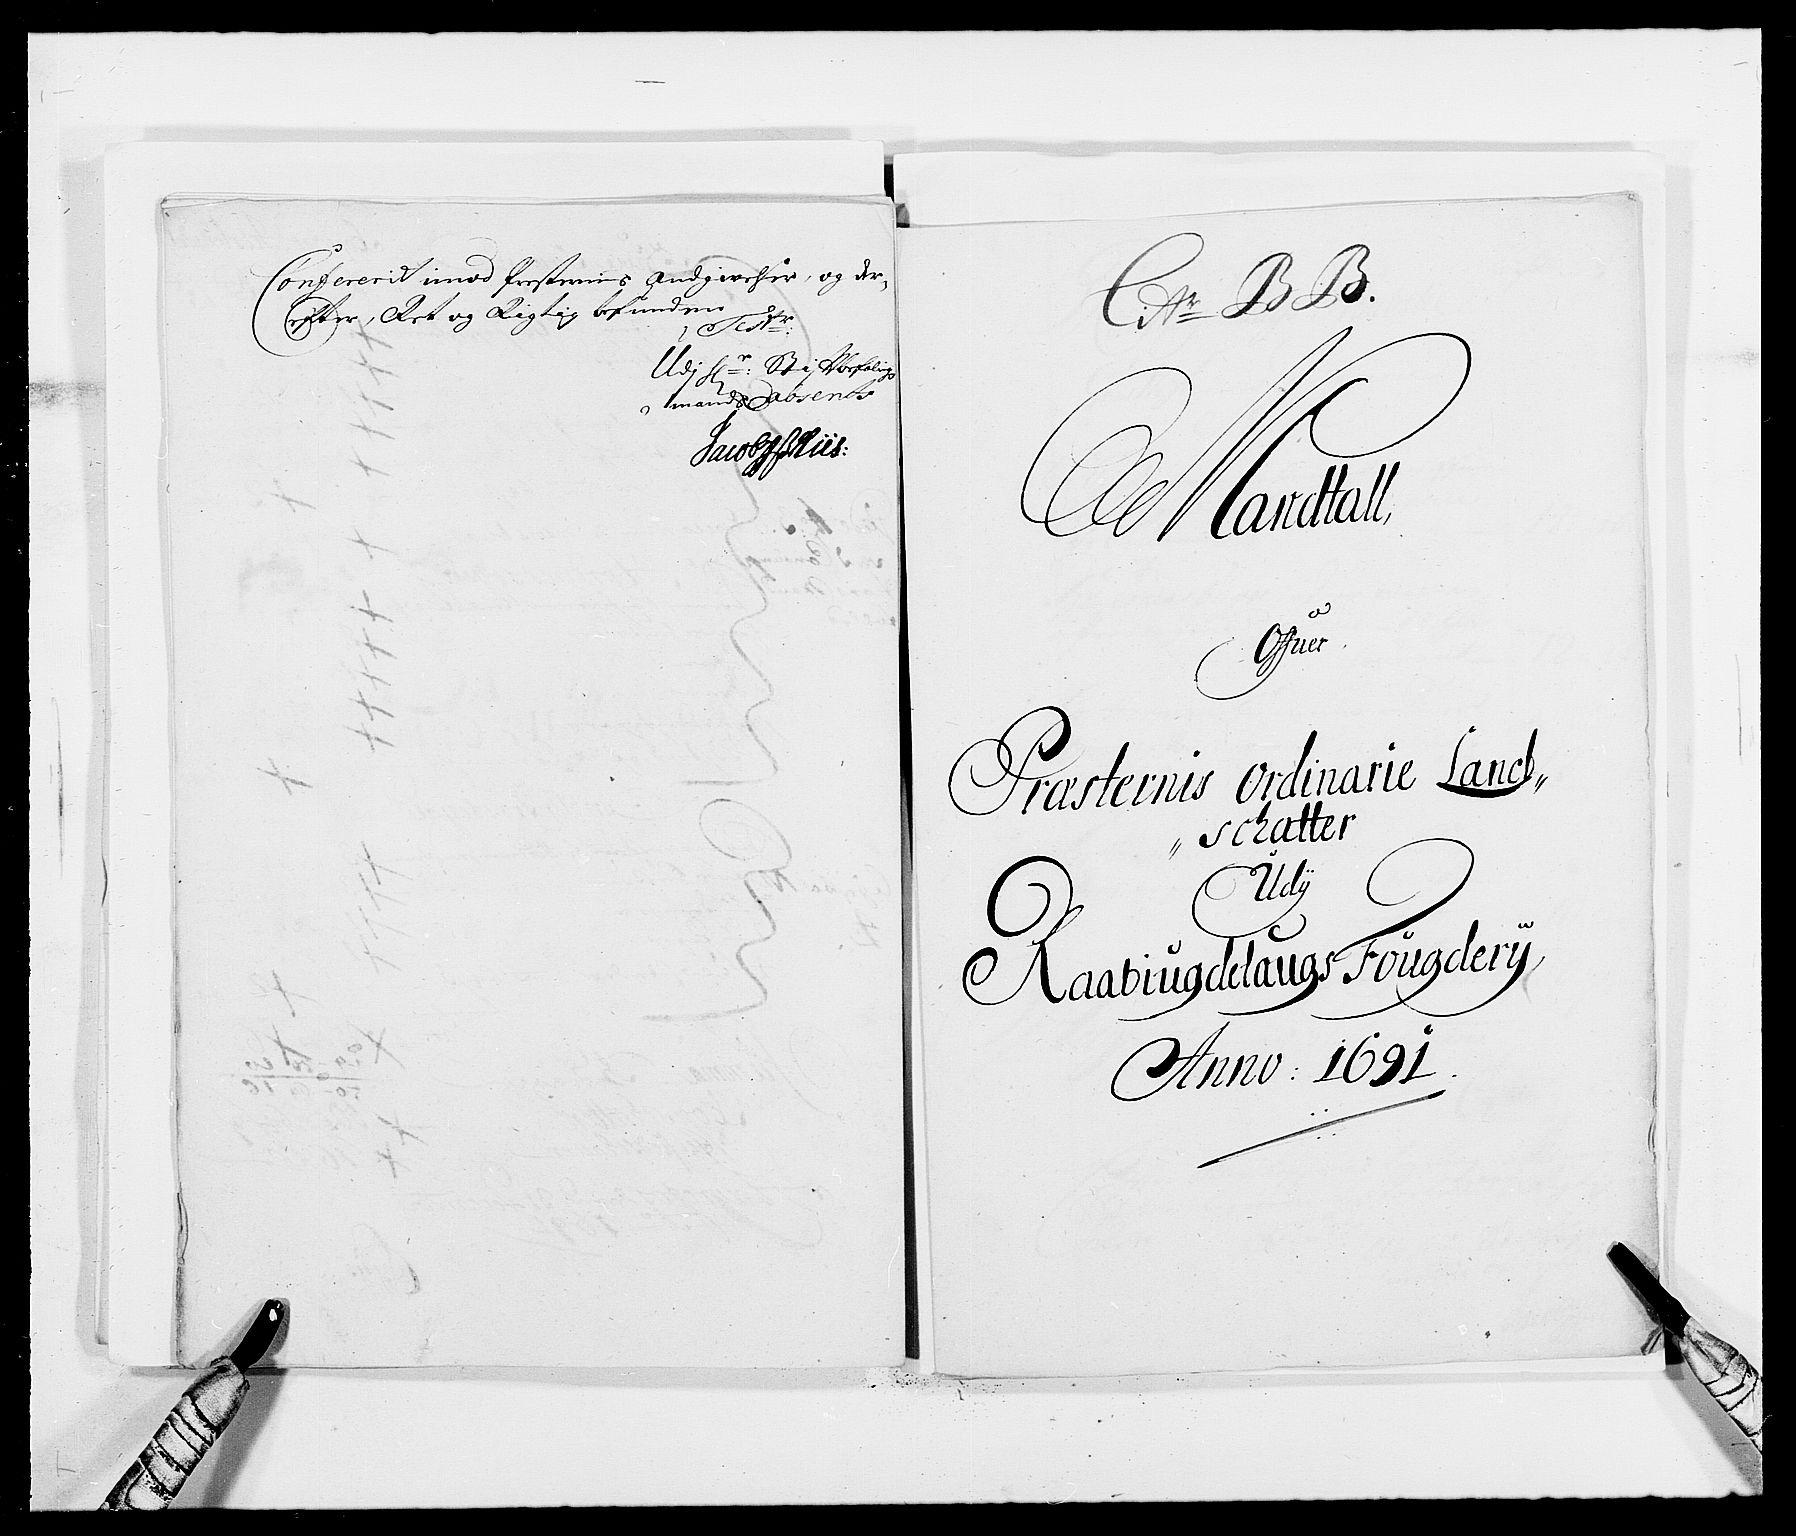 RA, Rentekammeret inntil 1814, Reviderte regnskaper, Fogderegnskap, R40/L2443: Fogderegnskap Råbyggelag, 1691-1692, s. 70